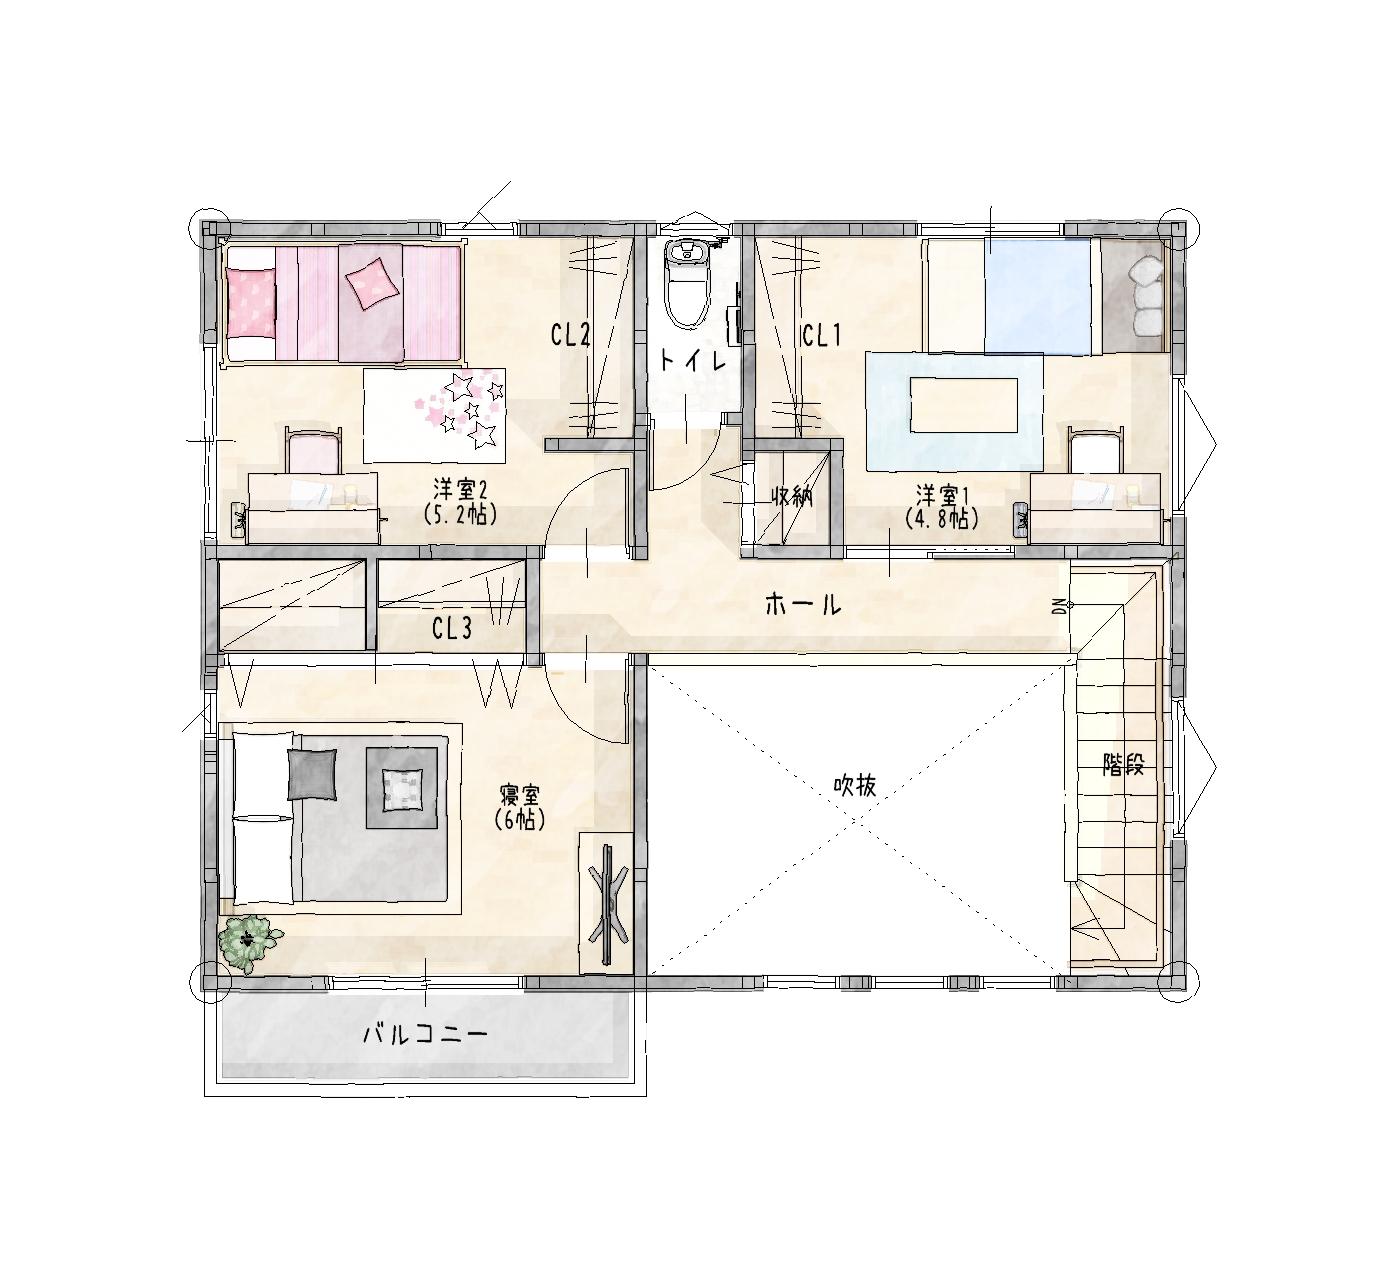 大村市新築建売住宅「OURS協和」間取り図